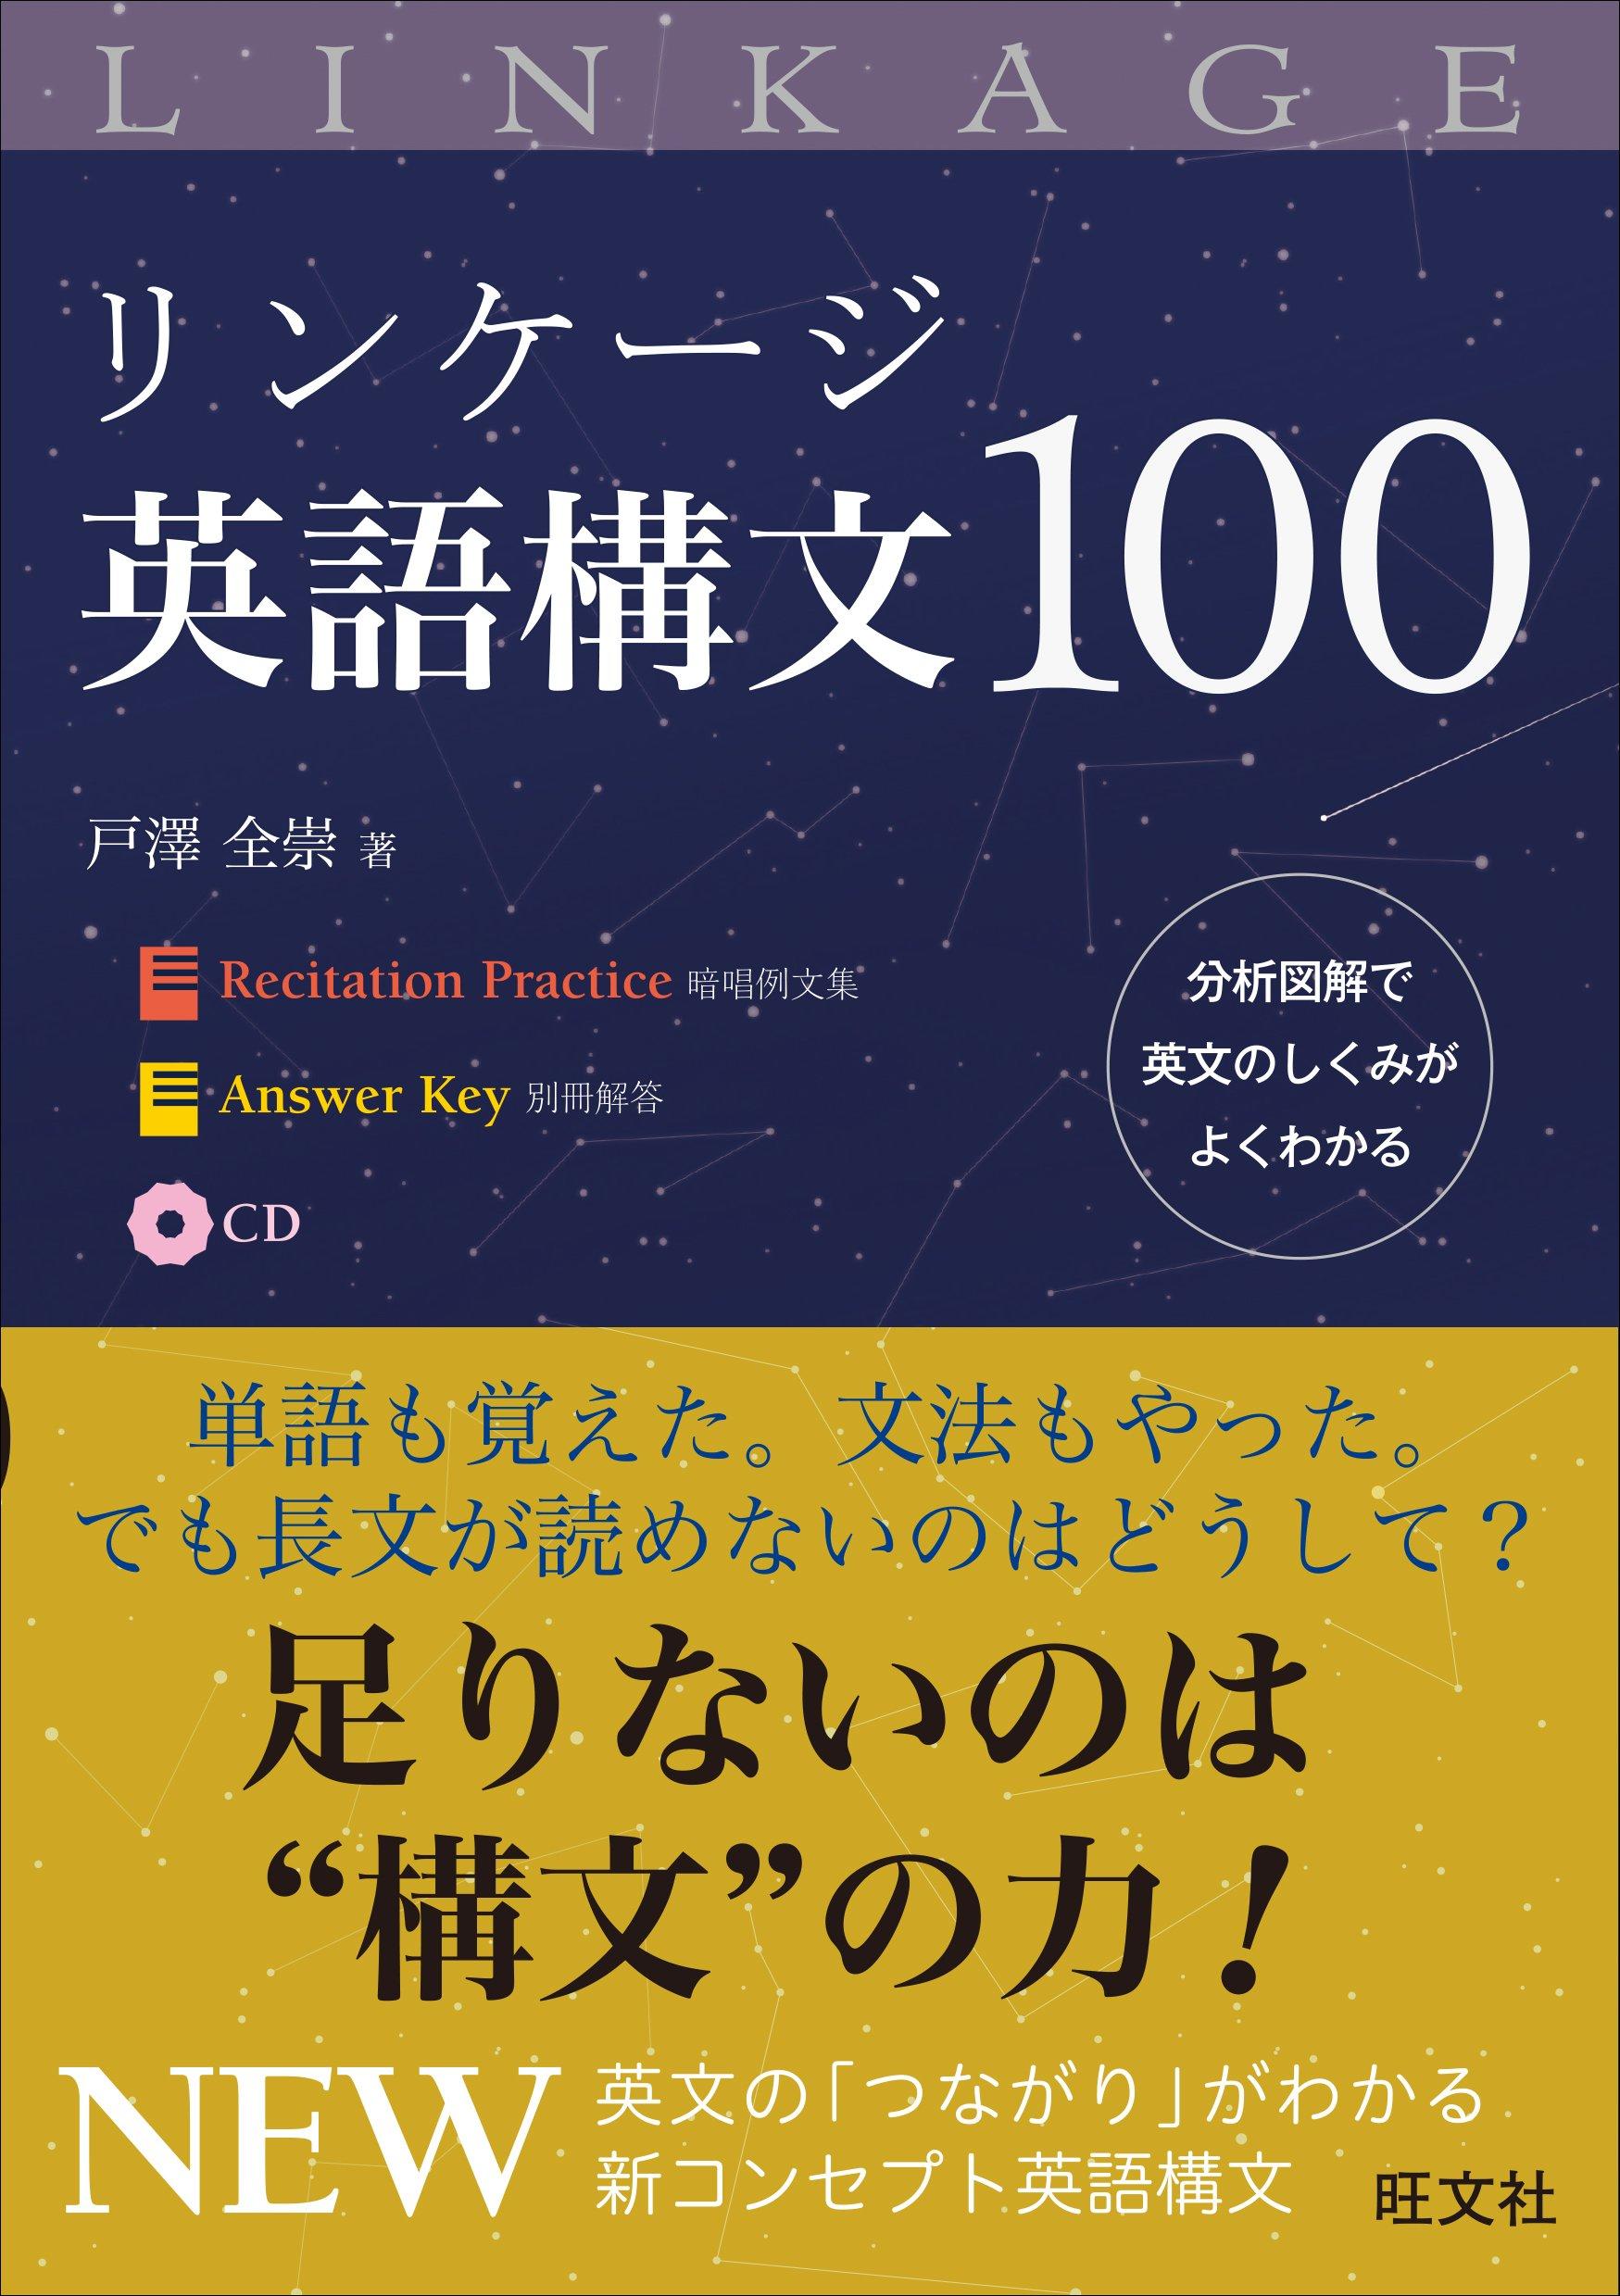 大学受験向けの英語構文参考書おすすめ10選!基礎レベルも